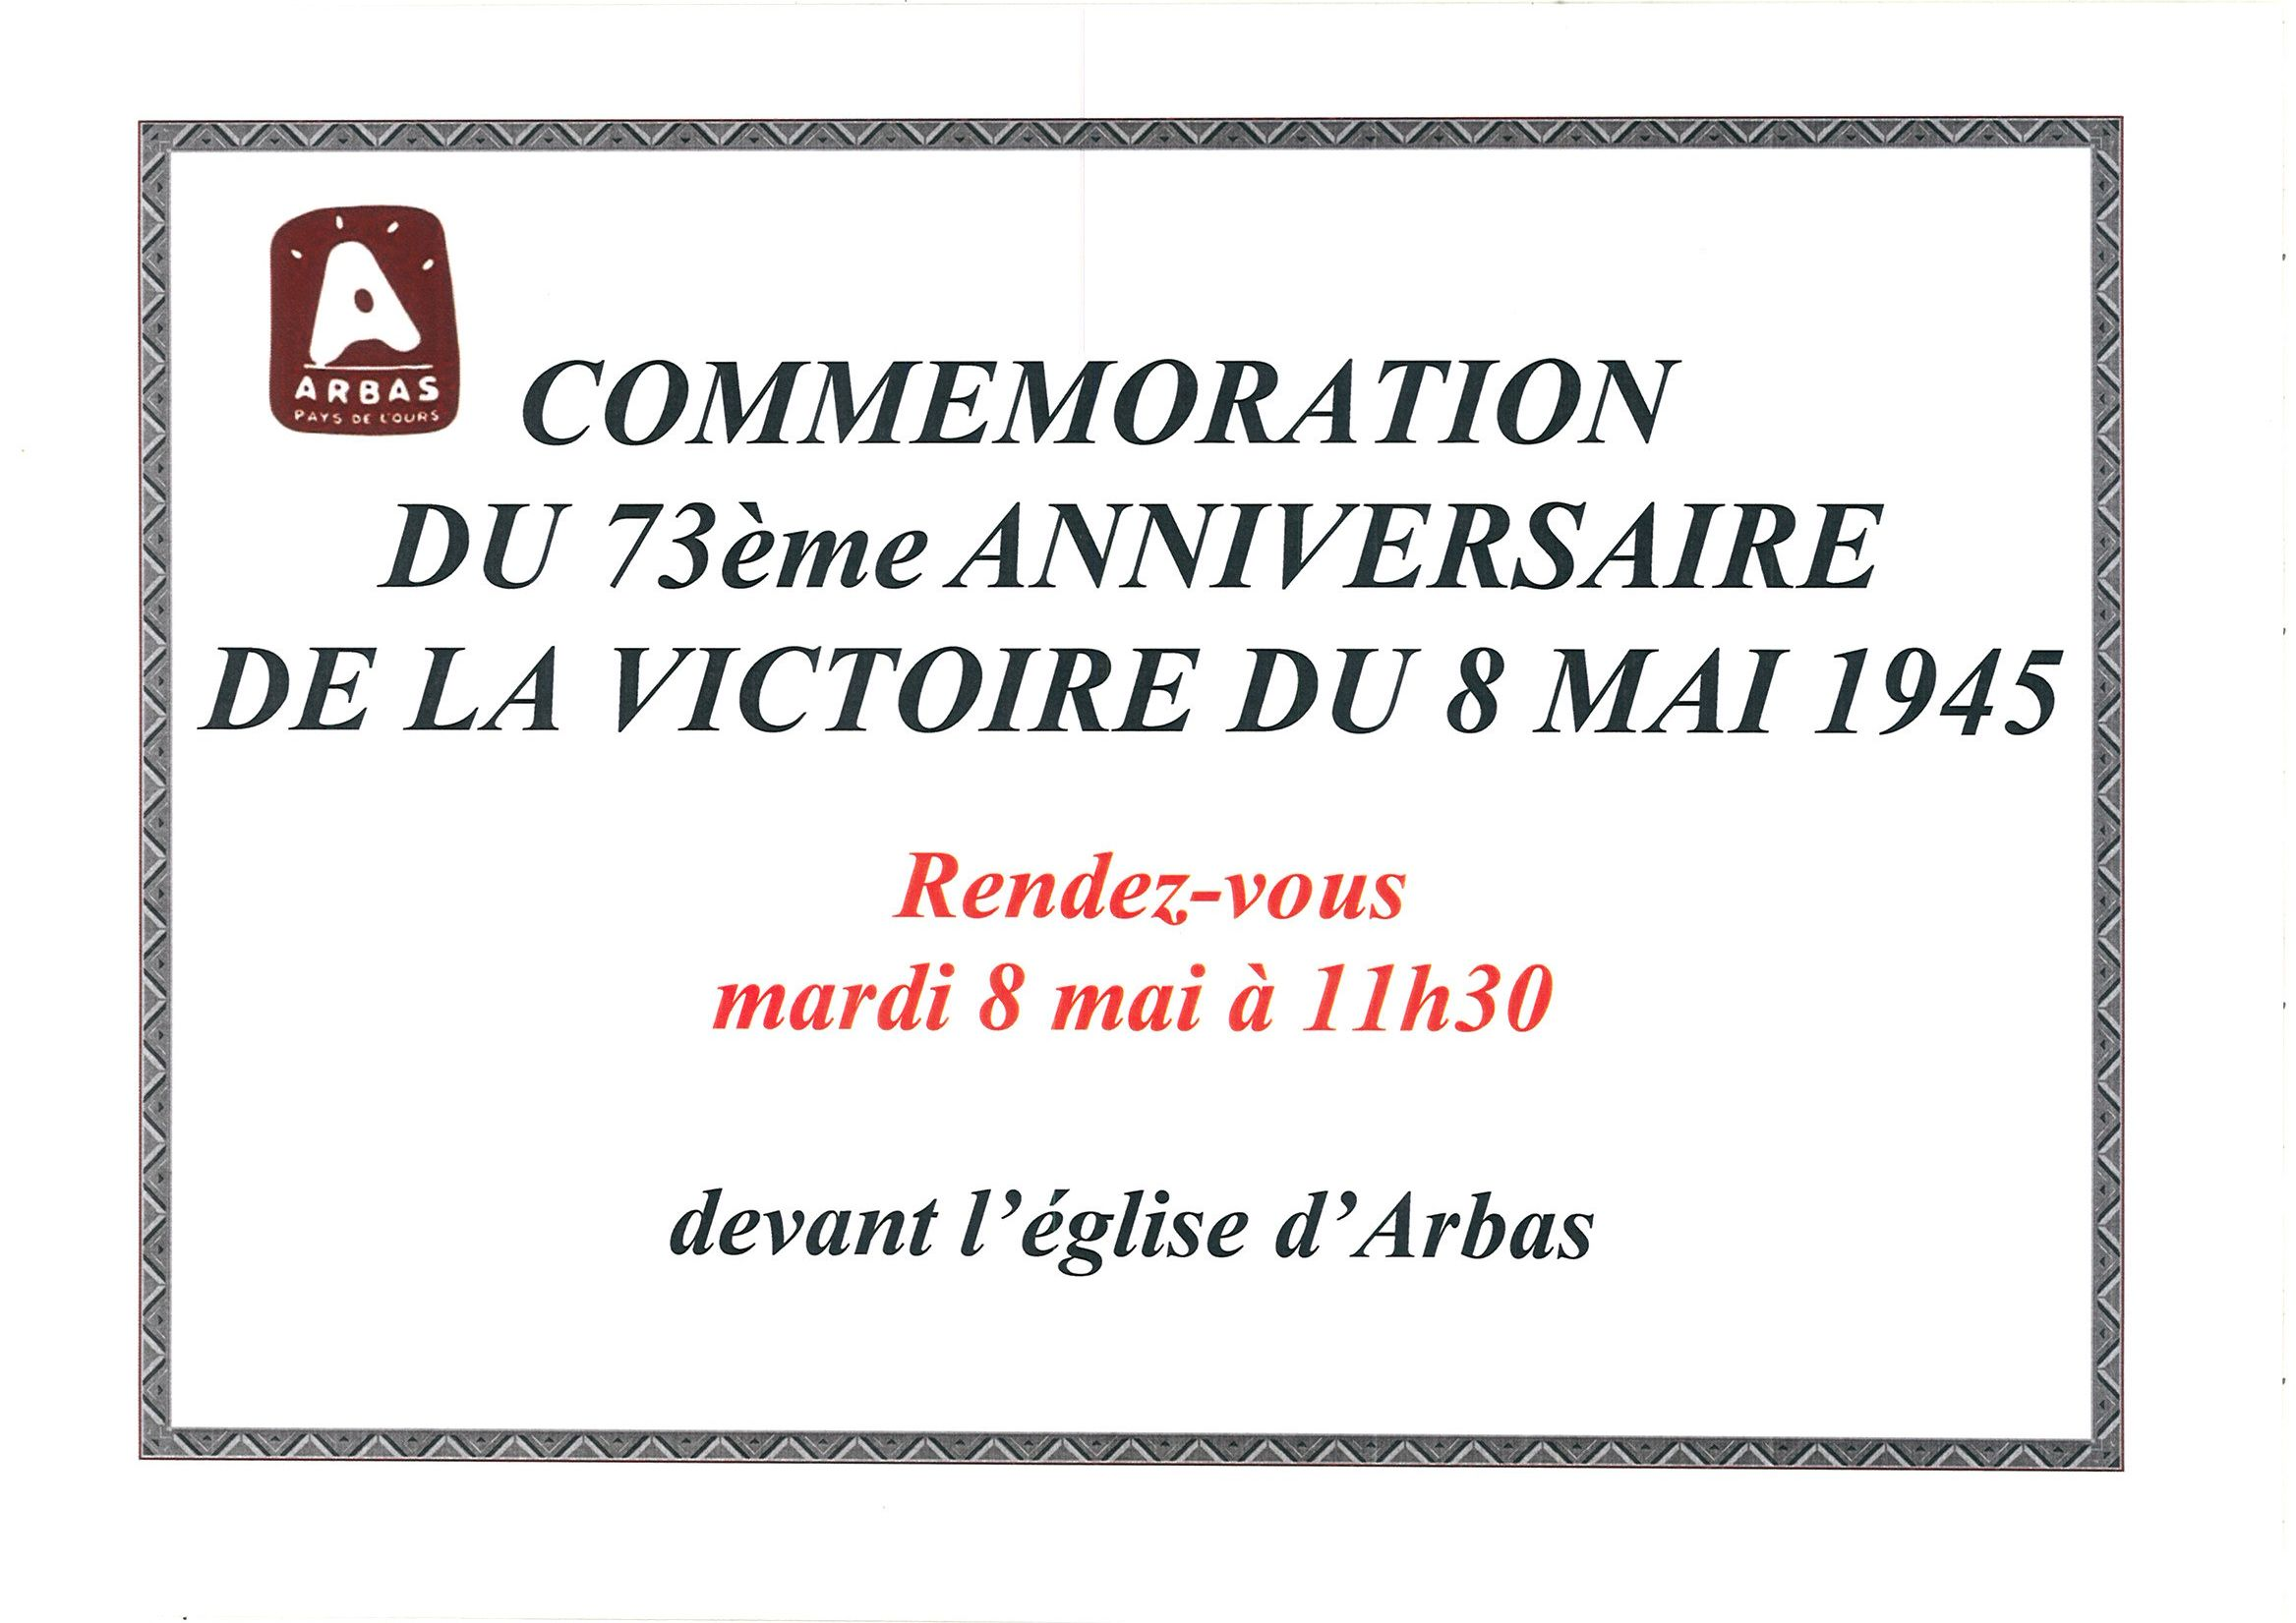 Annonce de la commemoration du 8 mai 1945